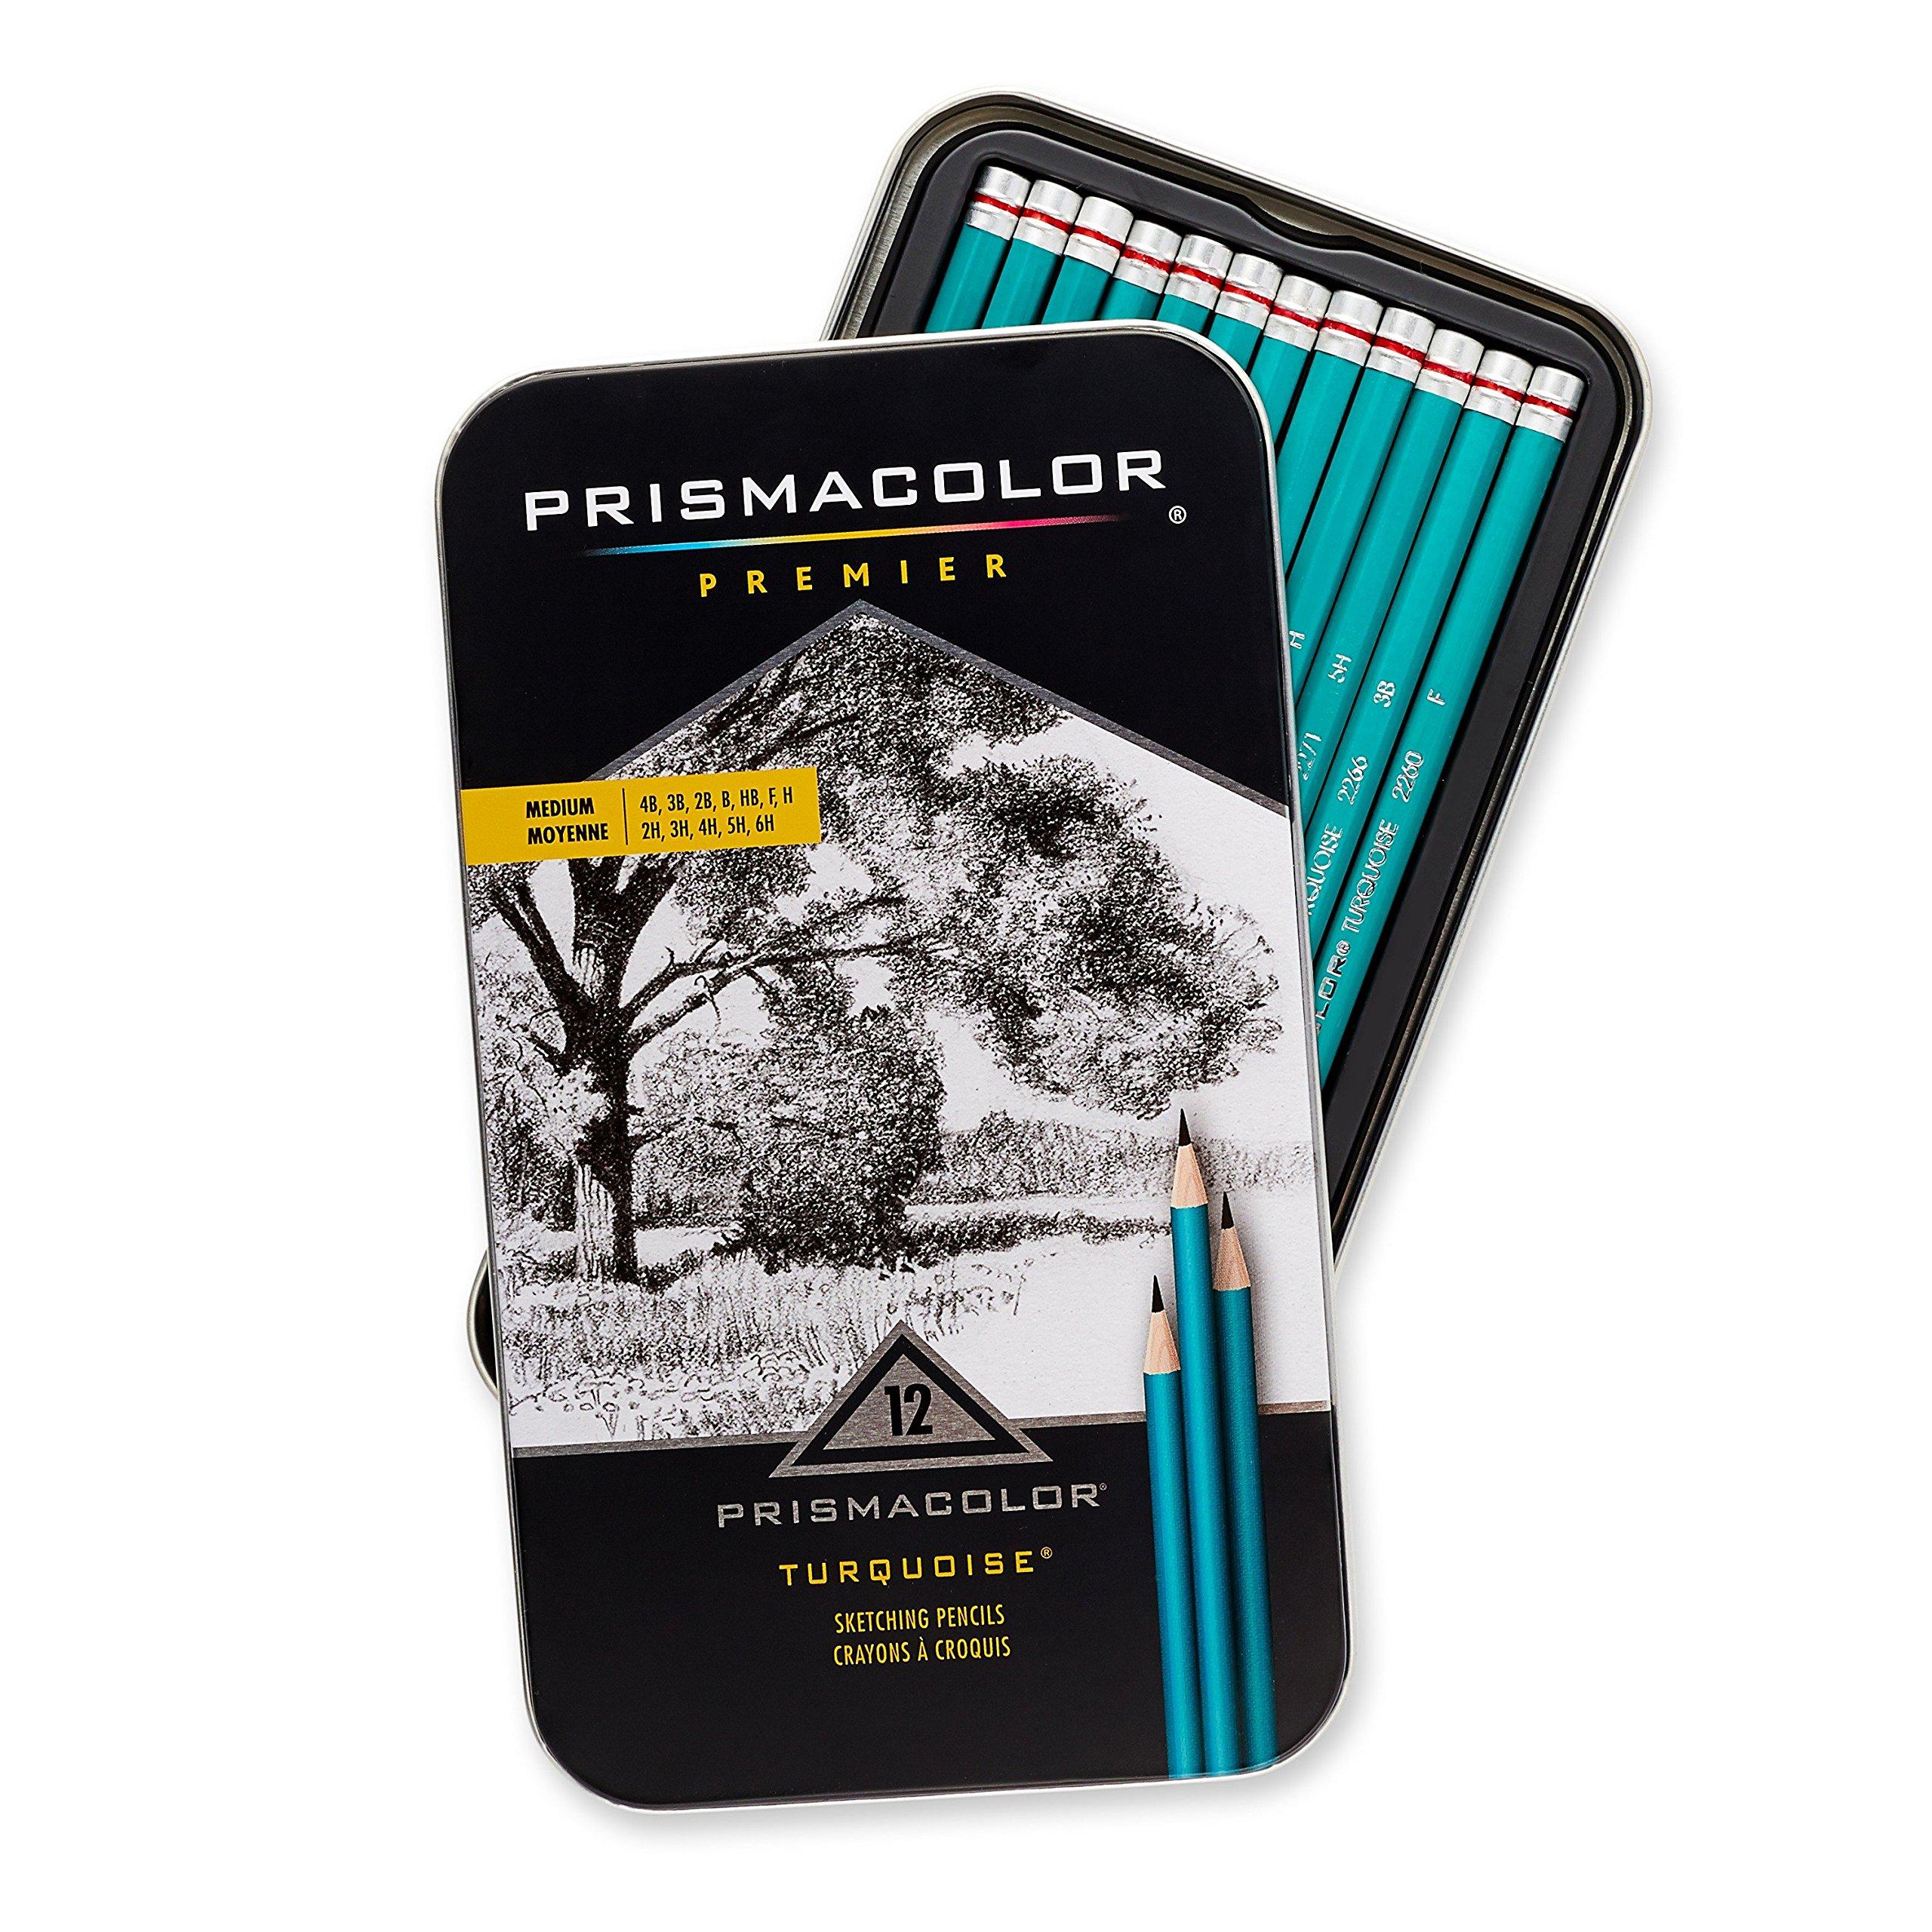 Prismacolor 24192 Premier Turquoise Graphite Sketching Pencils, Medium Leads, 12-Count by Prismacolor